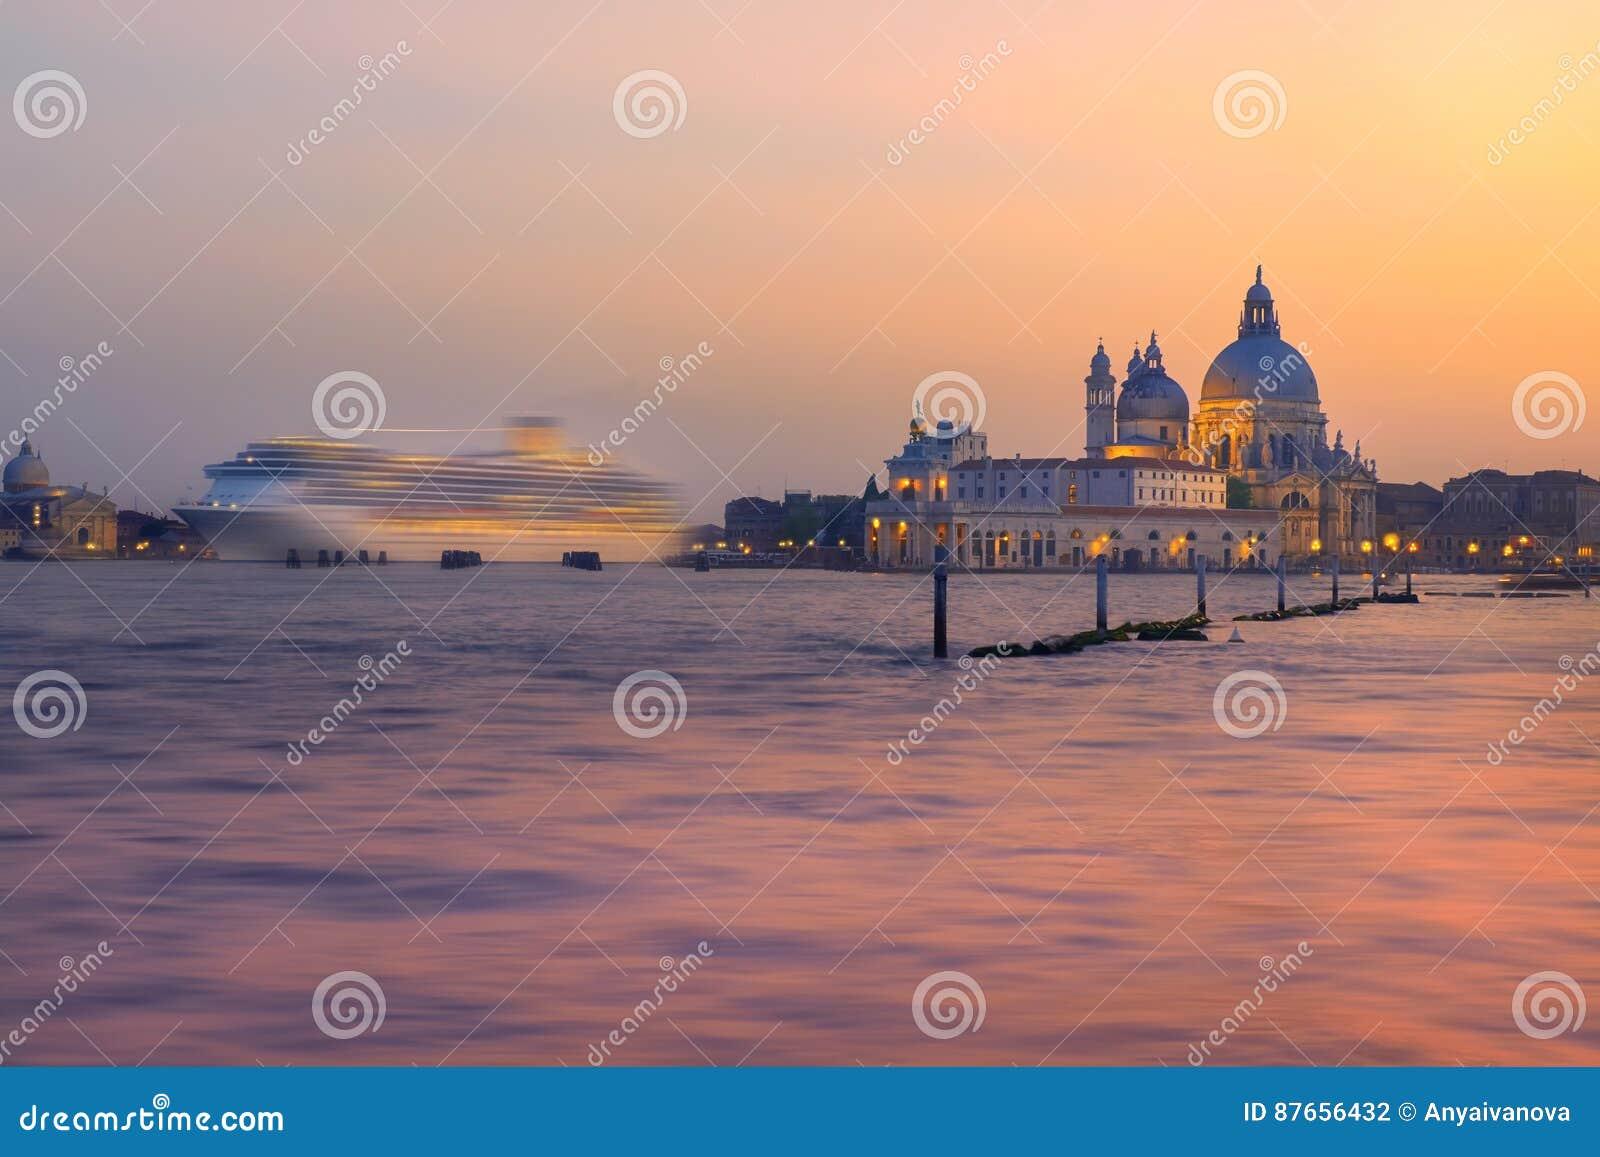 Nave da crociera che va dopo santa maria della sallute a venezia